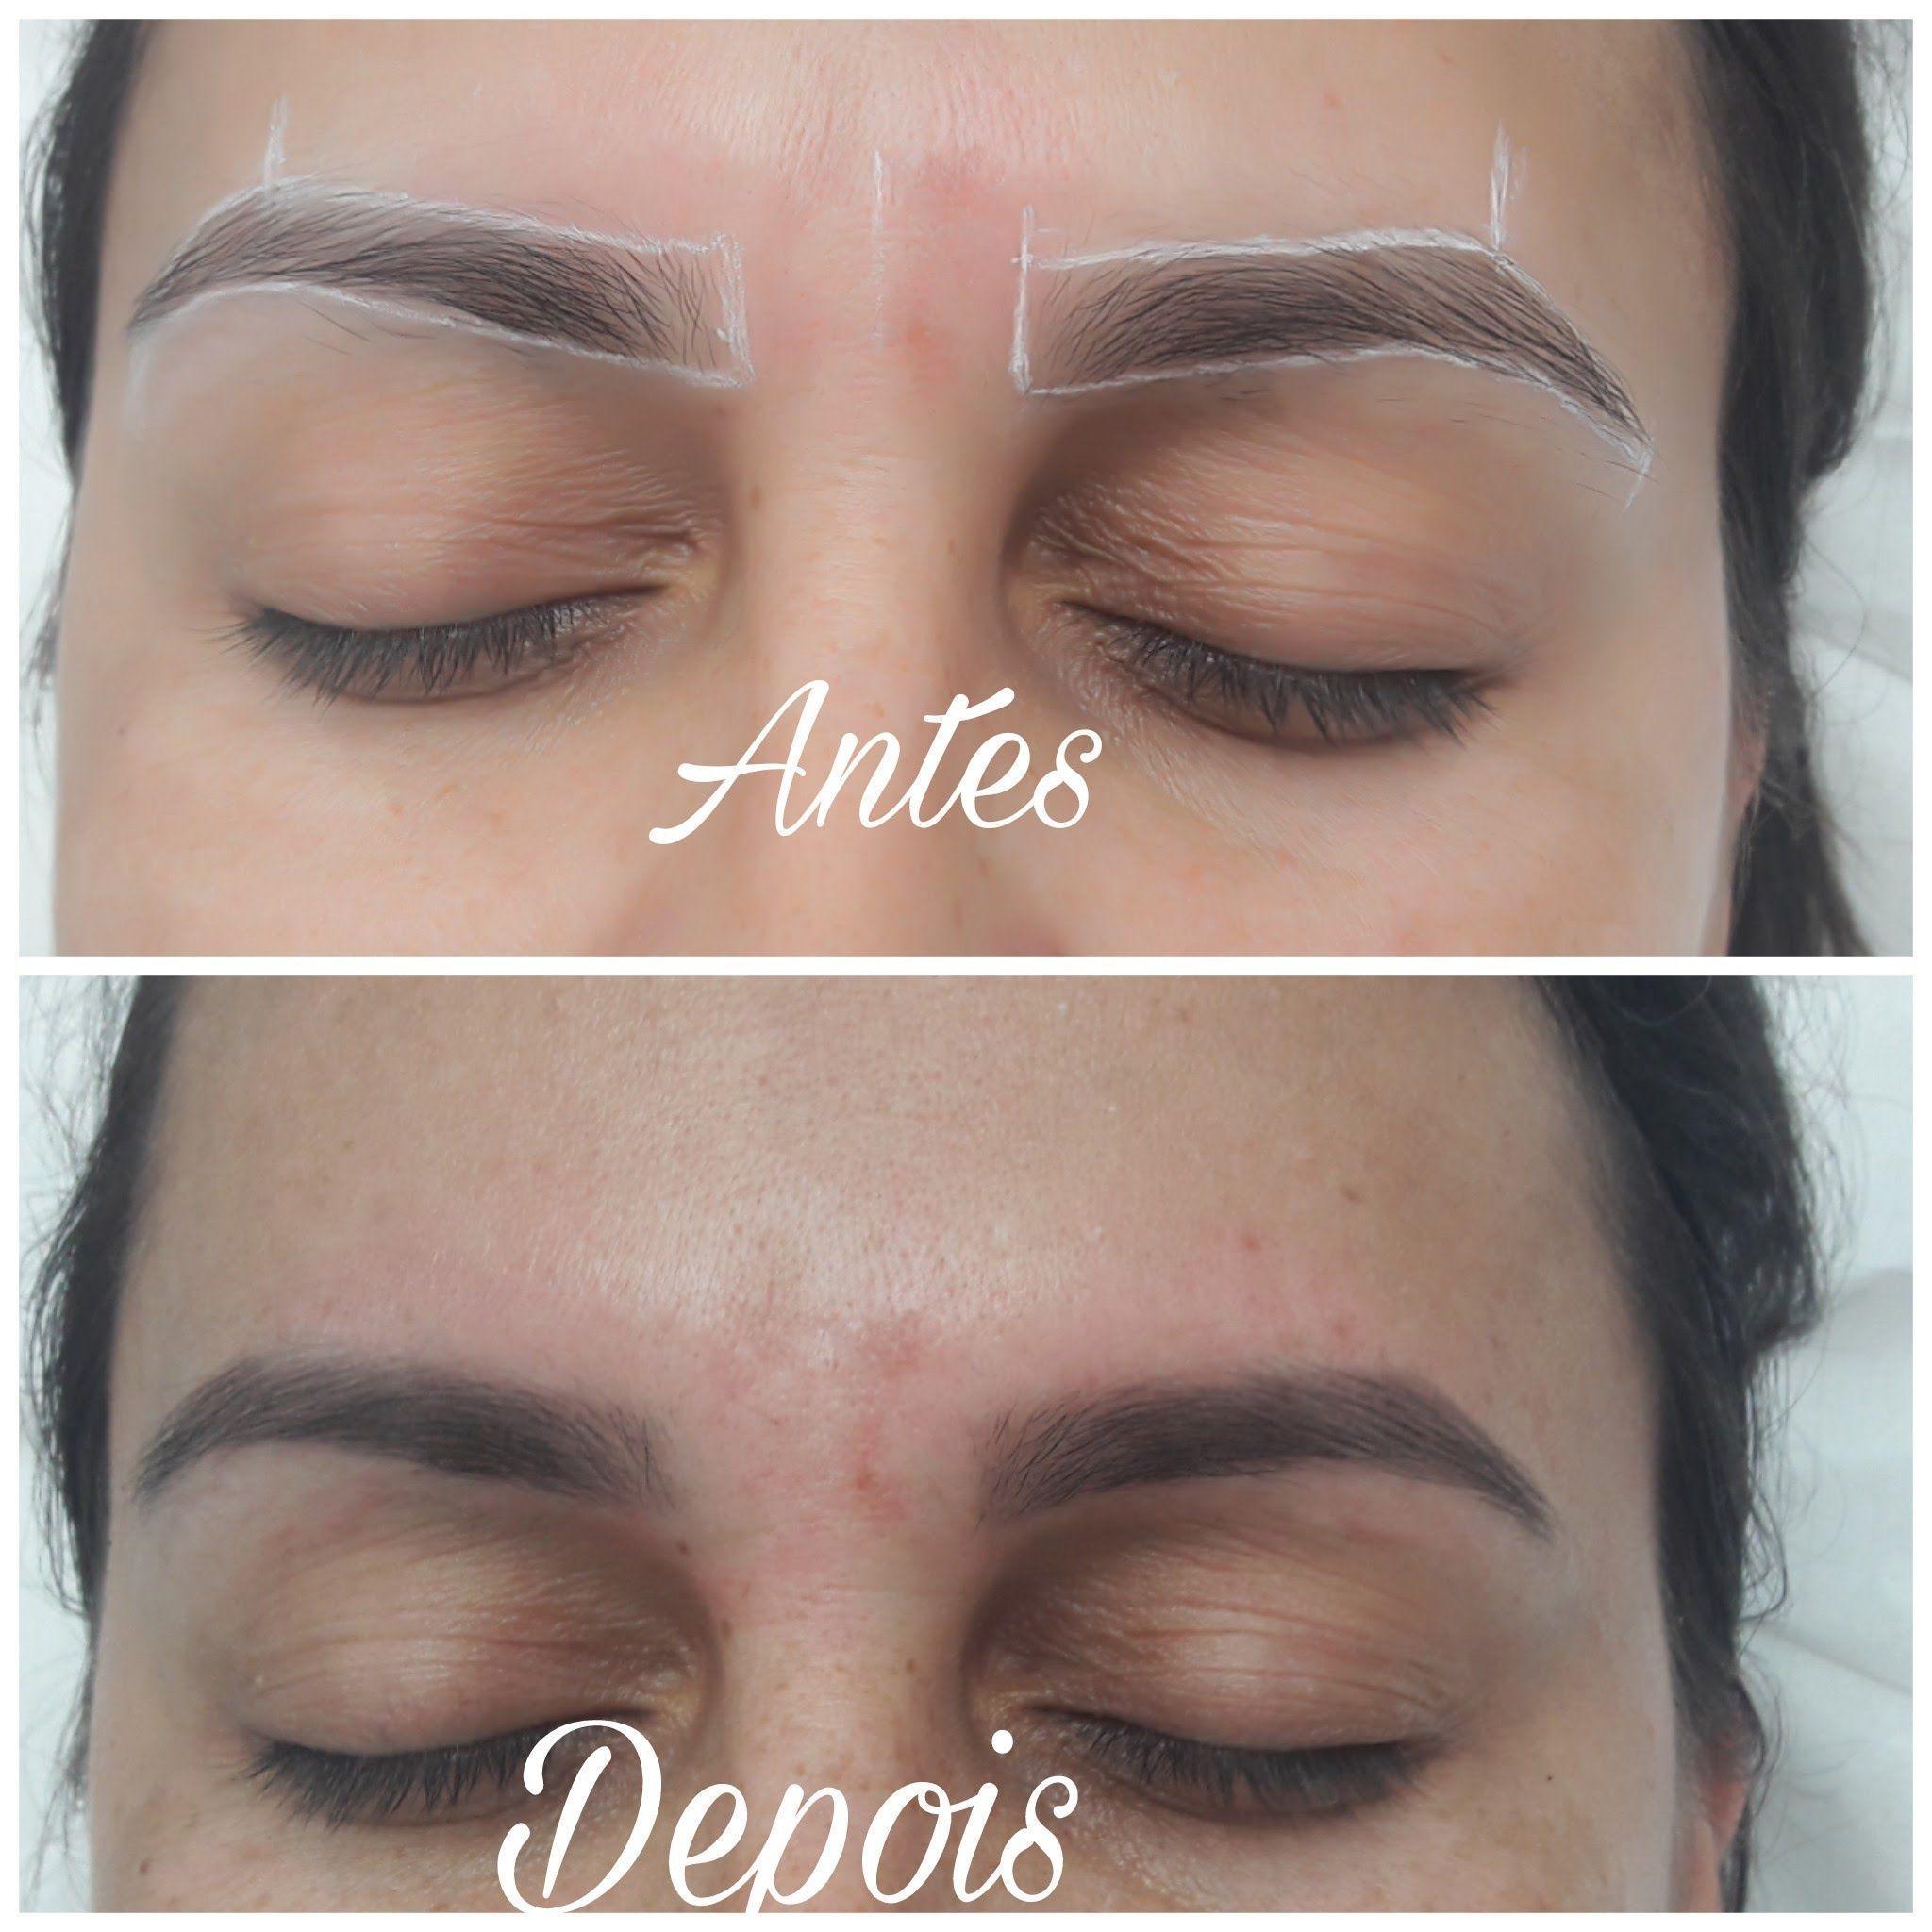 DESIGNER de sobrancelhas estética designer de sobrancelhas depilador(a) manicure e pedicure maquiador(a)